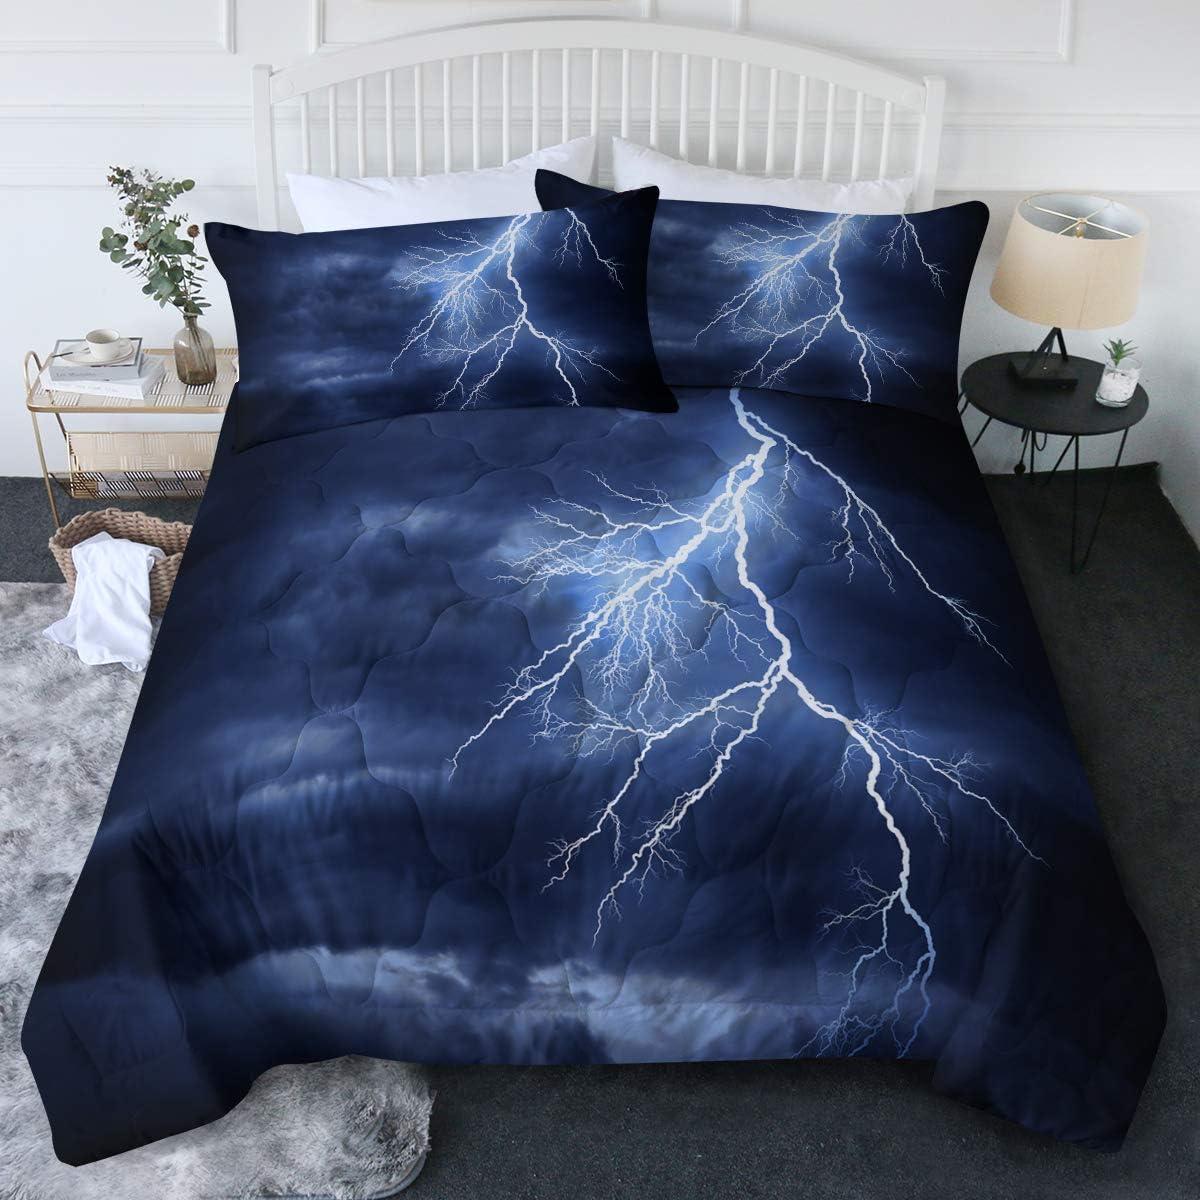 BlessLiving Columbus Mall Lightning Storm Bedding S Comforter Fashionable Strike